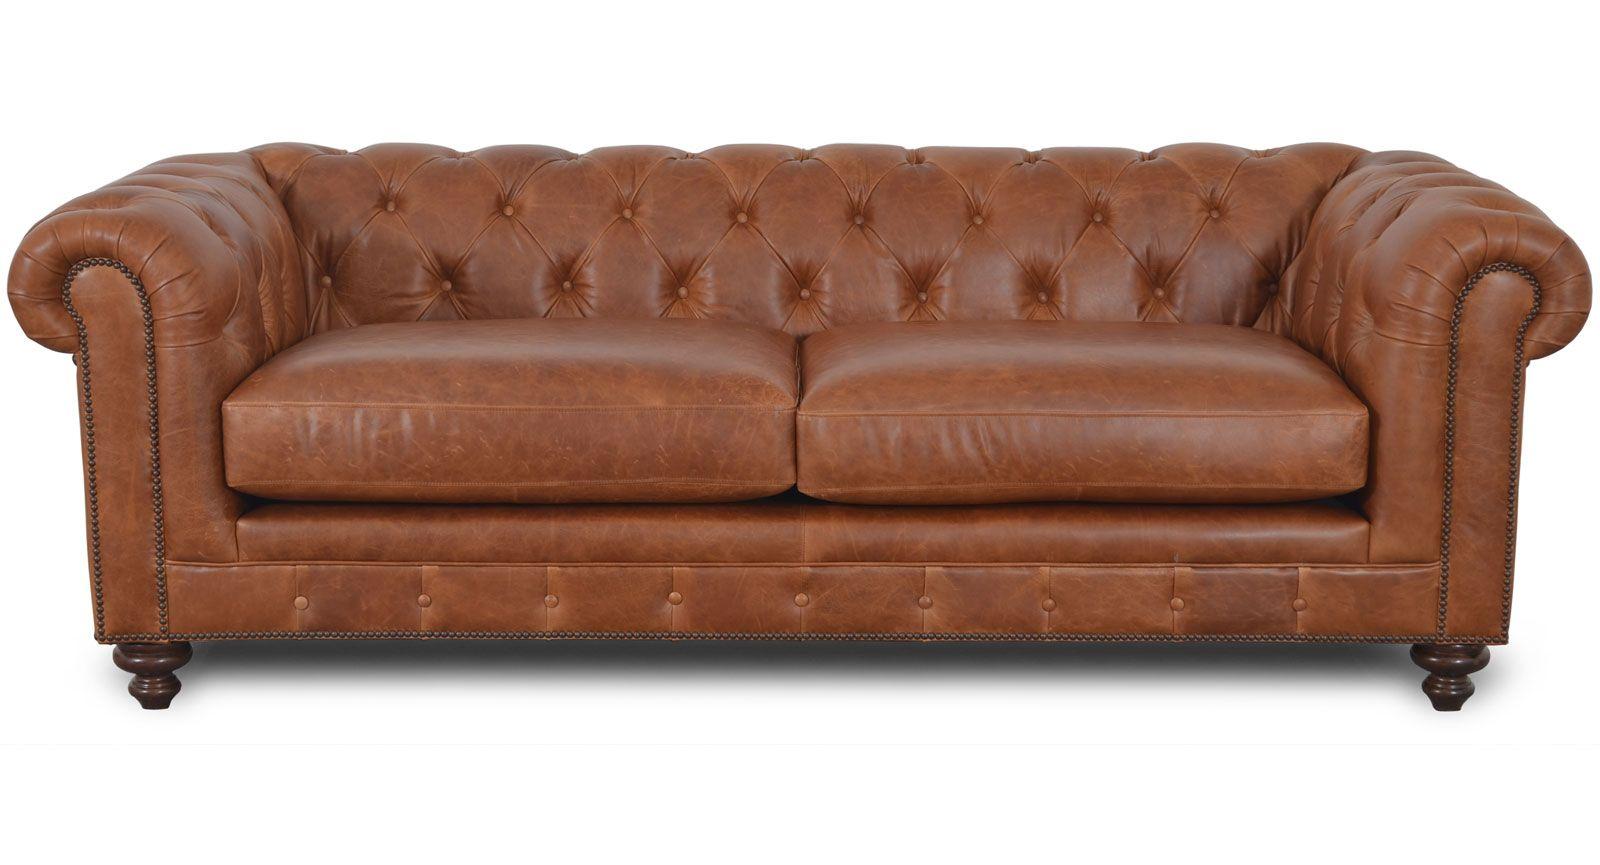 Kensington Sofa The Leather Sofa Company The Scalloped And Tufted Back Along With The Large Deep Cushions And O Sofa Company Leather Furniture Leather Sofa